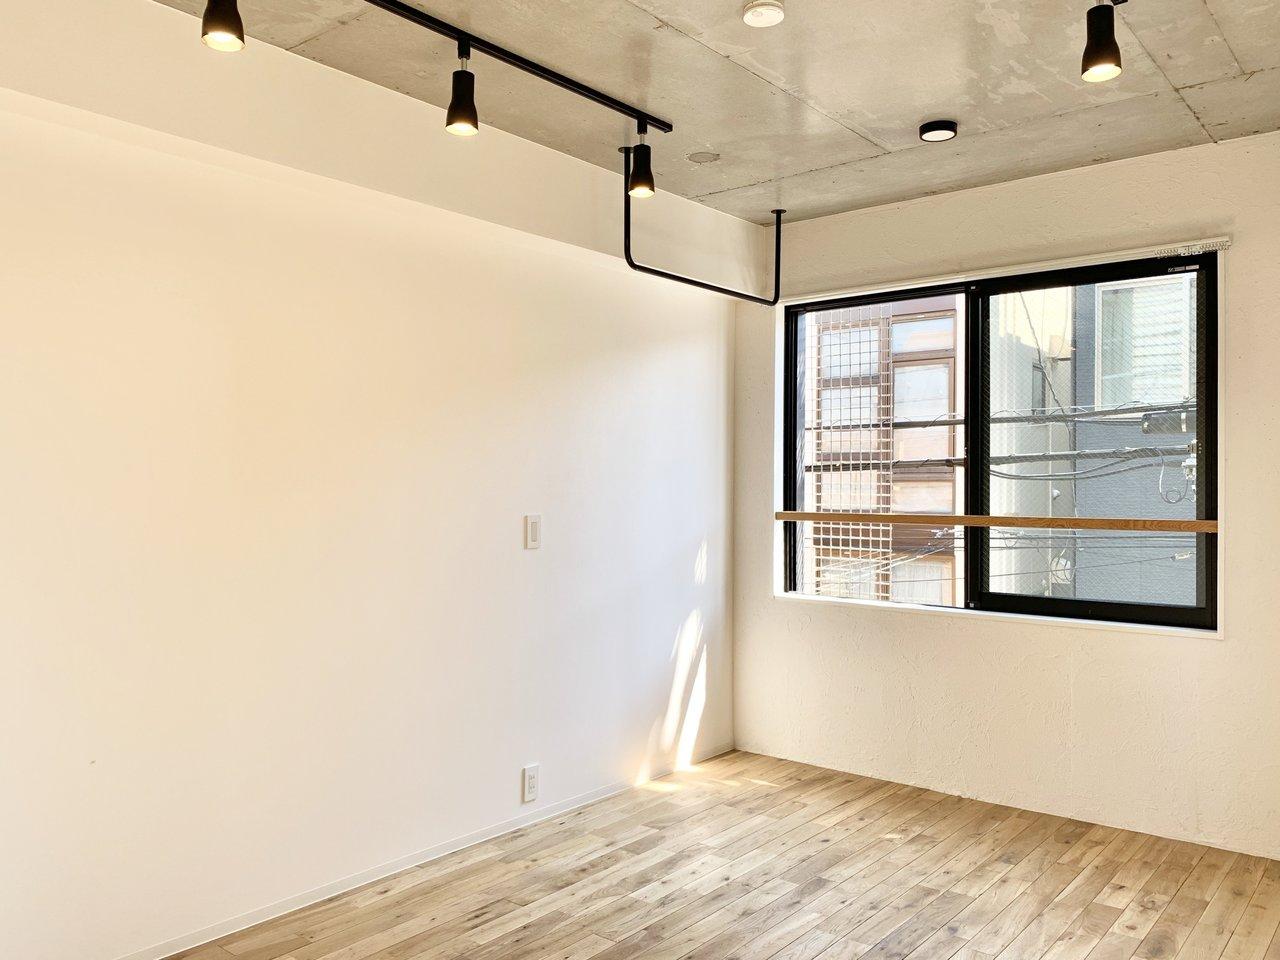 窓のないほうの壁は、真っ白。ここをスクリーンと見立てておうち映画、なんていうのもいいですね。